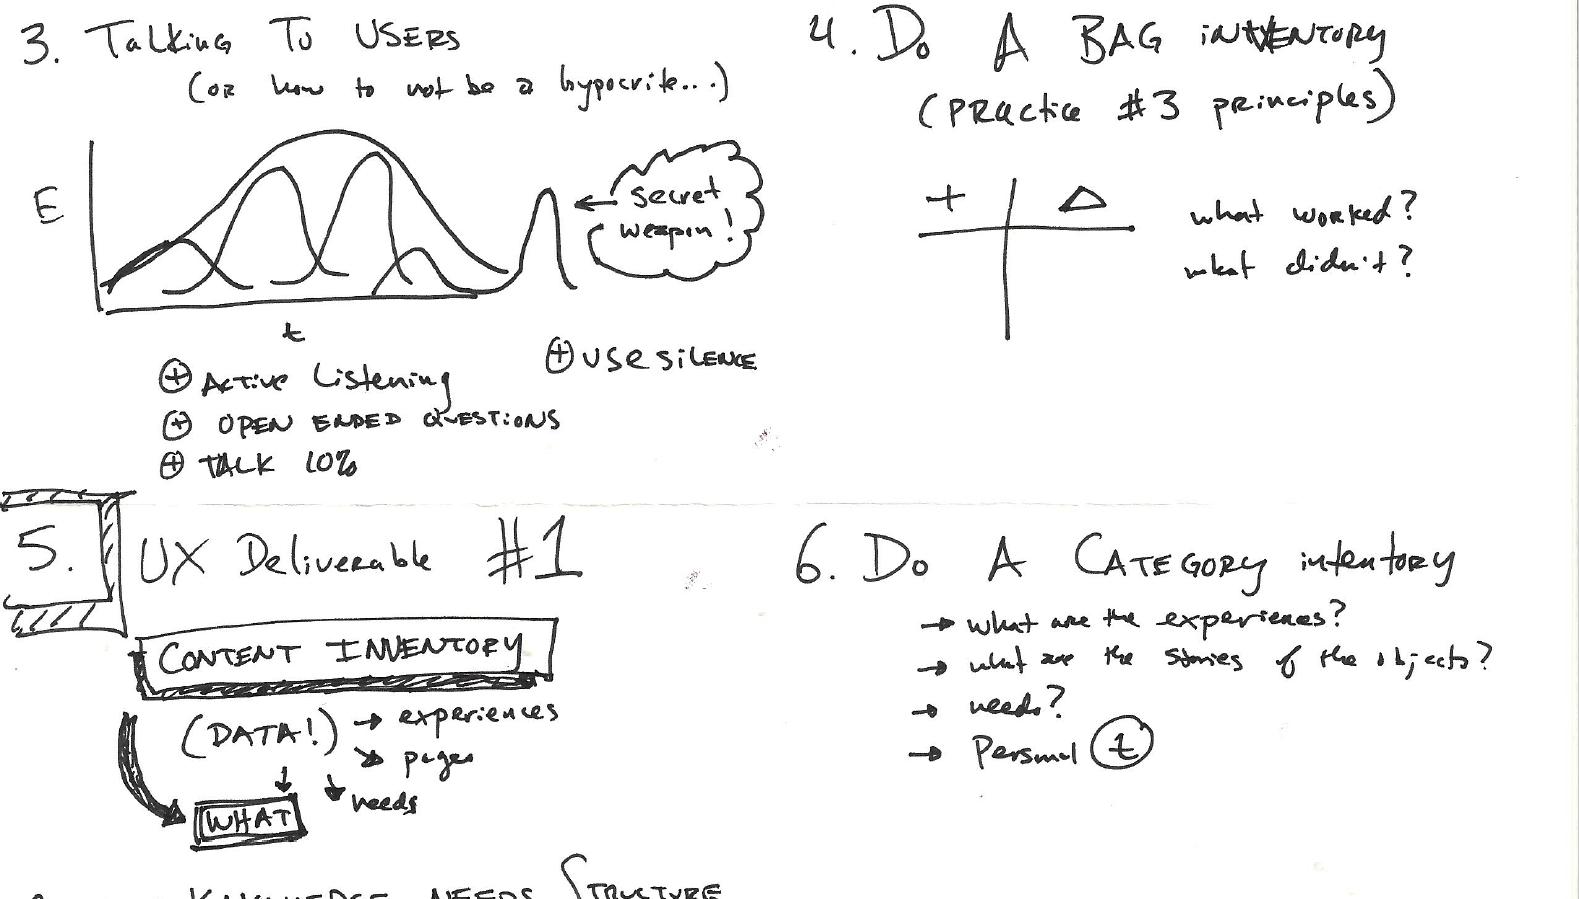 Designing a workshop about design